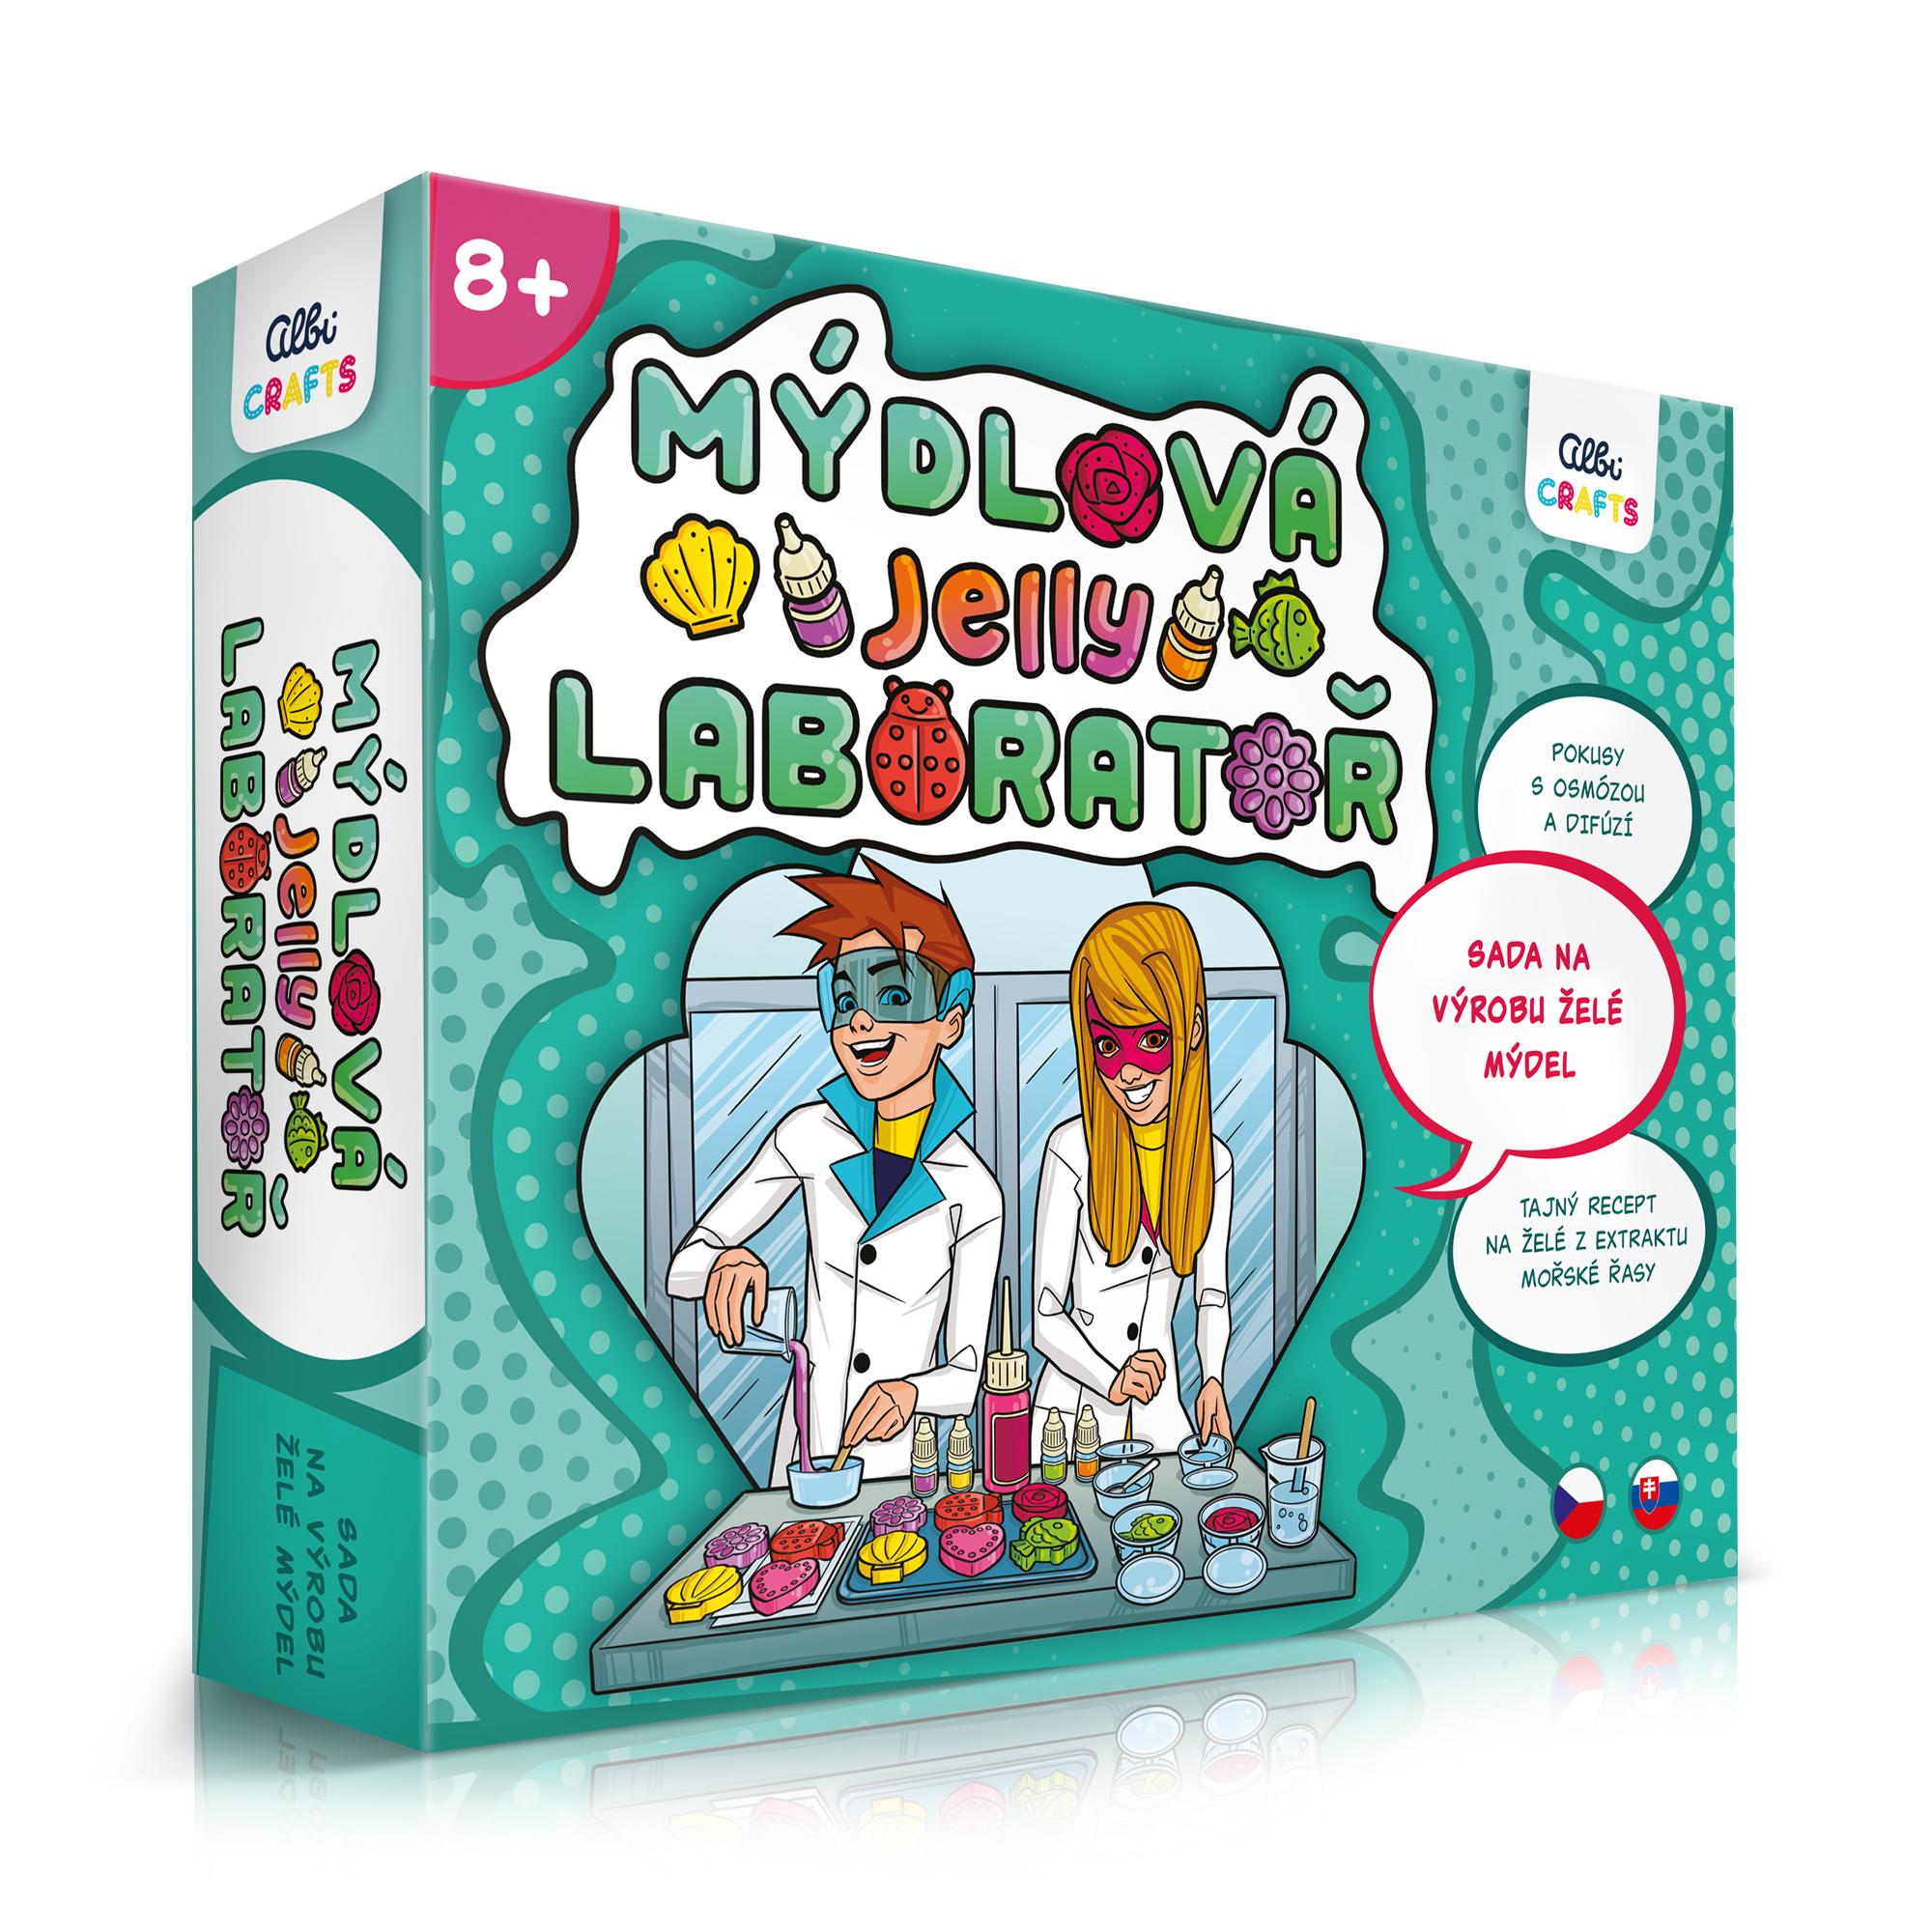 Mýdlová laboratoř - Jelly